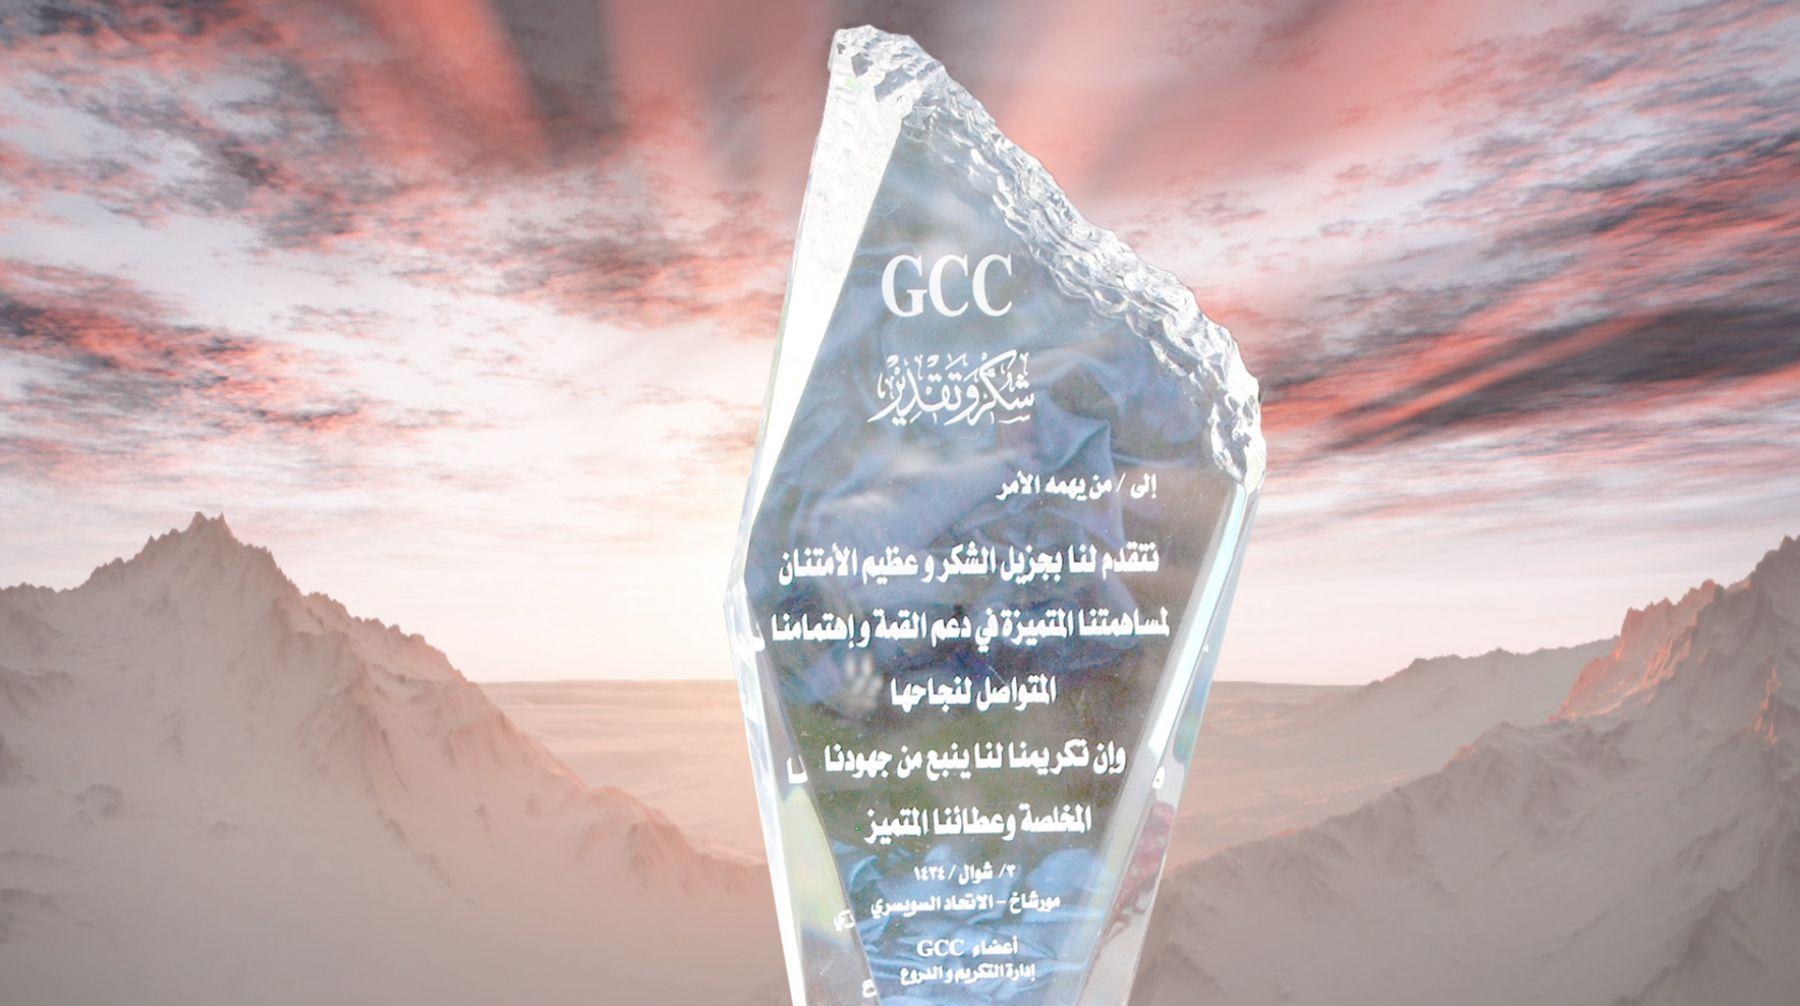 GCC CO-OP 2014